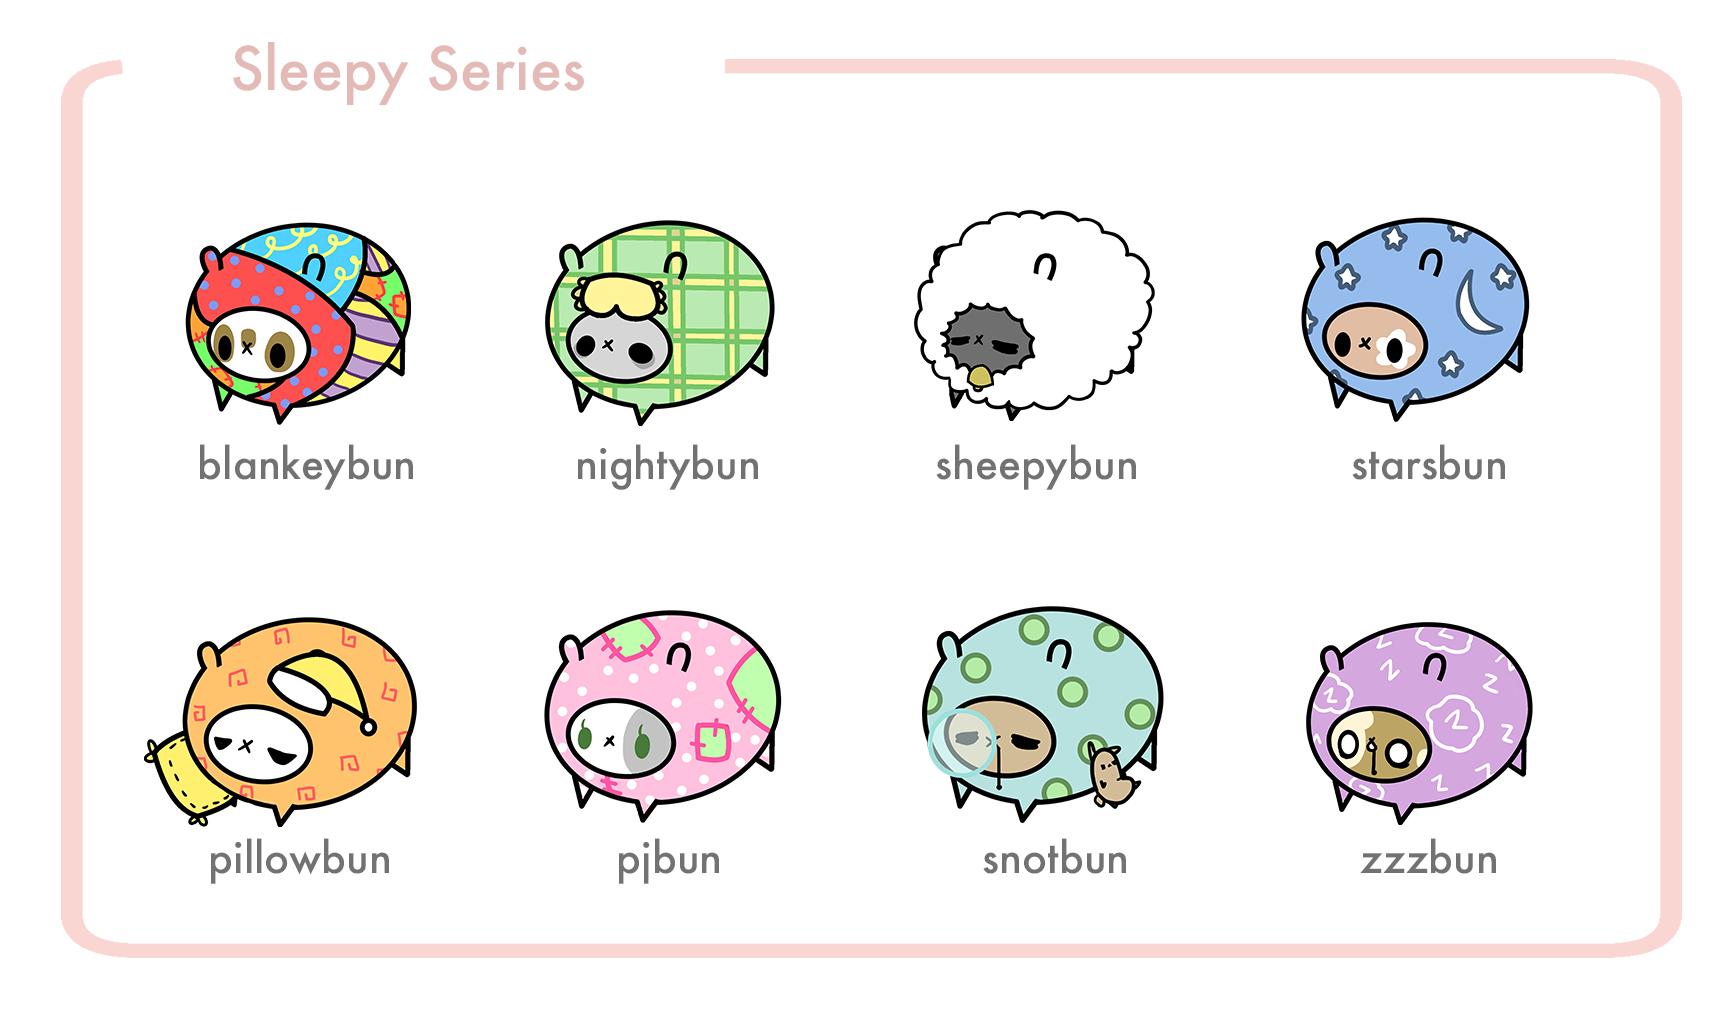 Sleepy Series